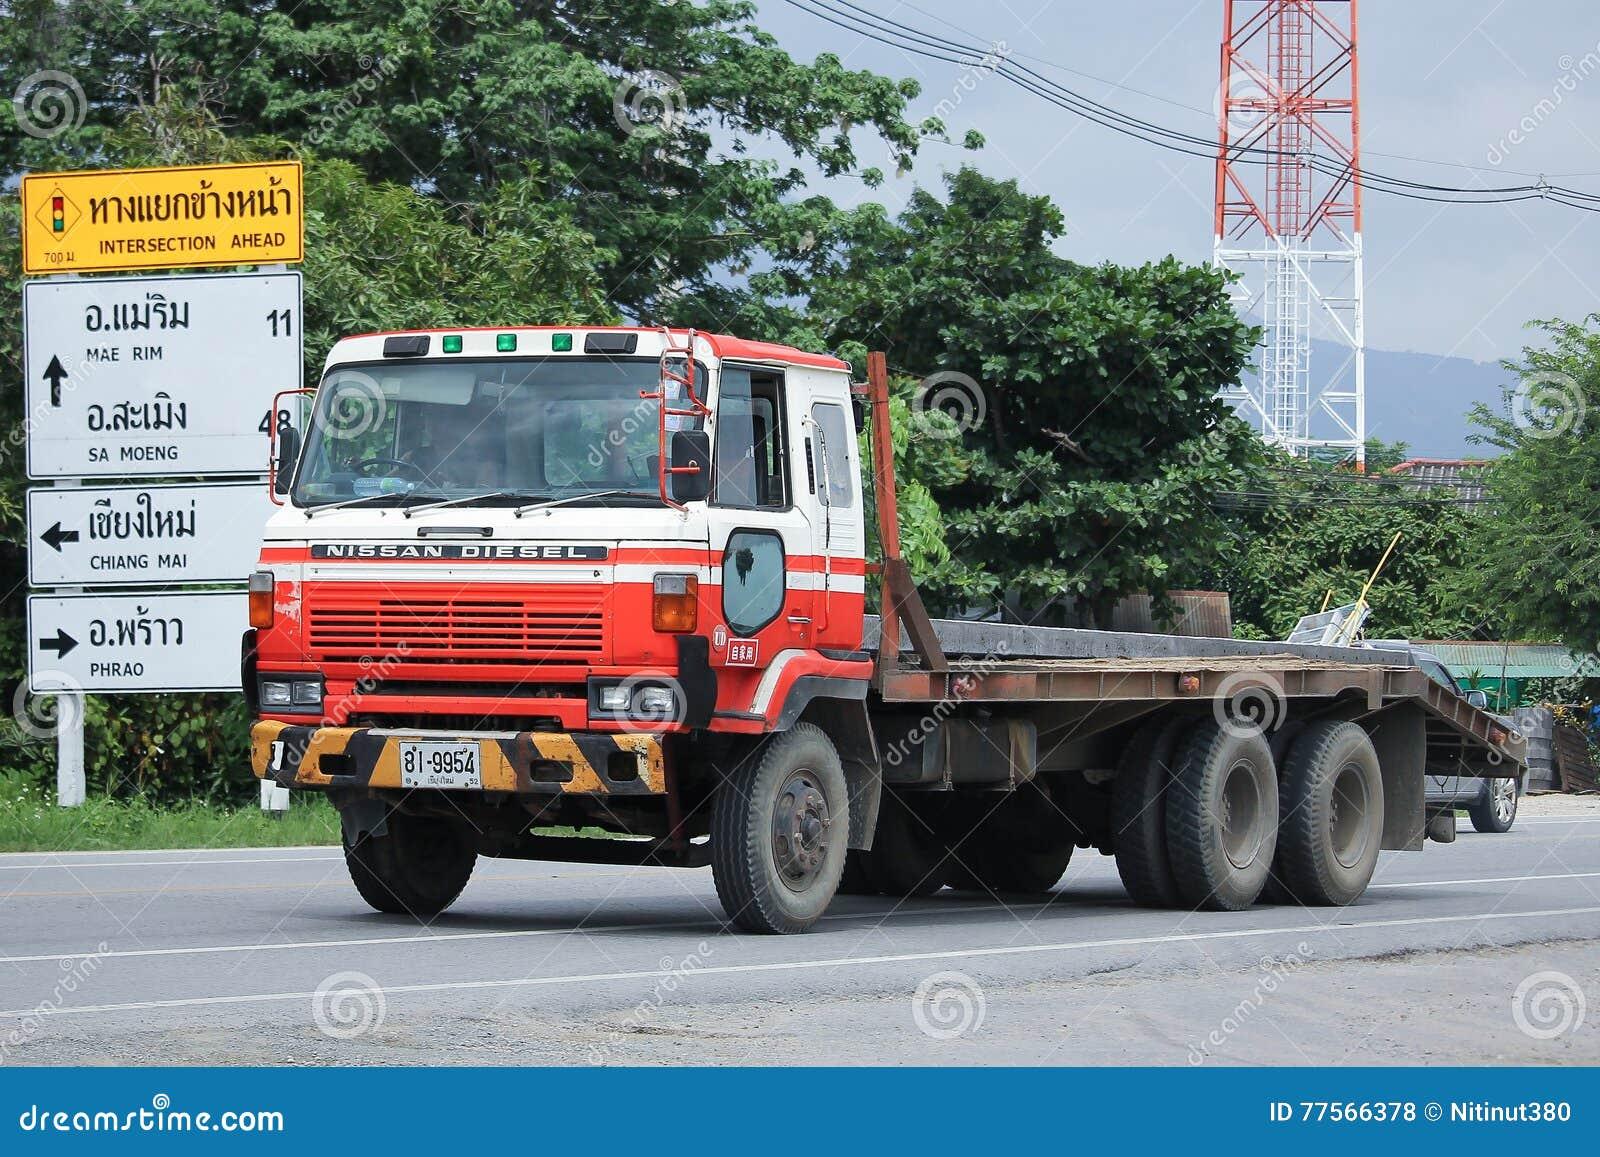 Privater Alter Nissan Diesel Truck Redaktionelles Stockfoto Bild